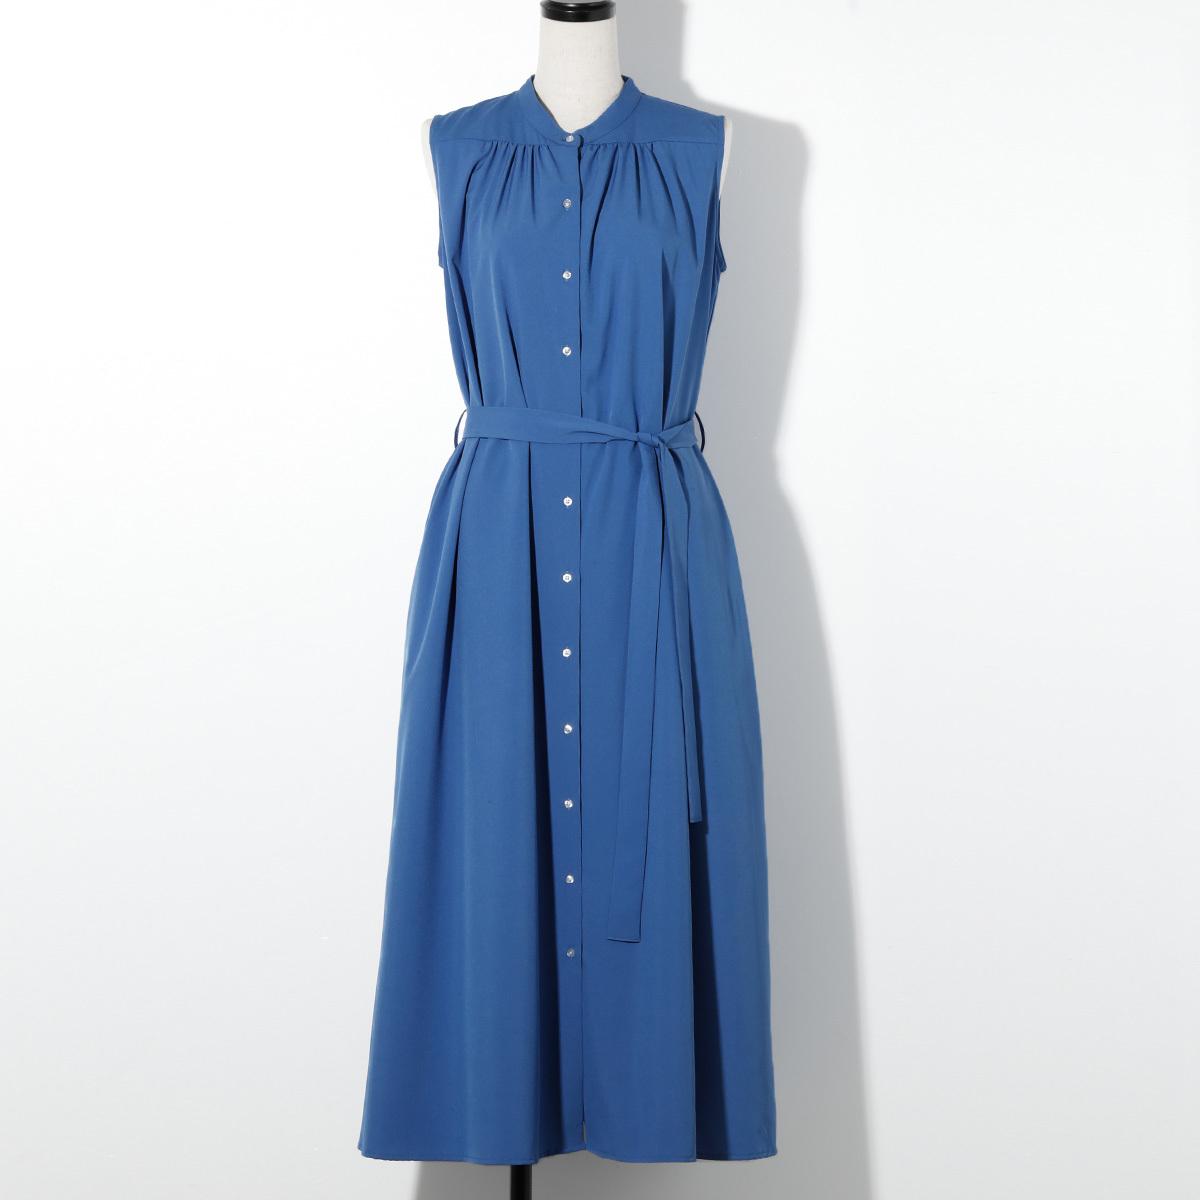 【STYLE DELI】さらさらギャザーロングワンピース/ブルー・02・234019